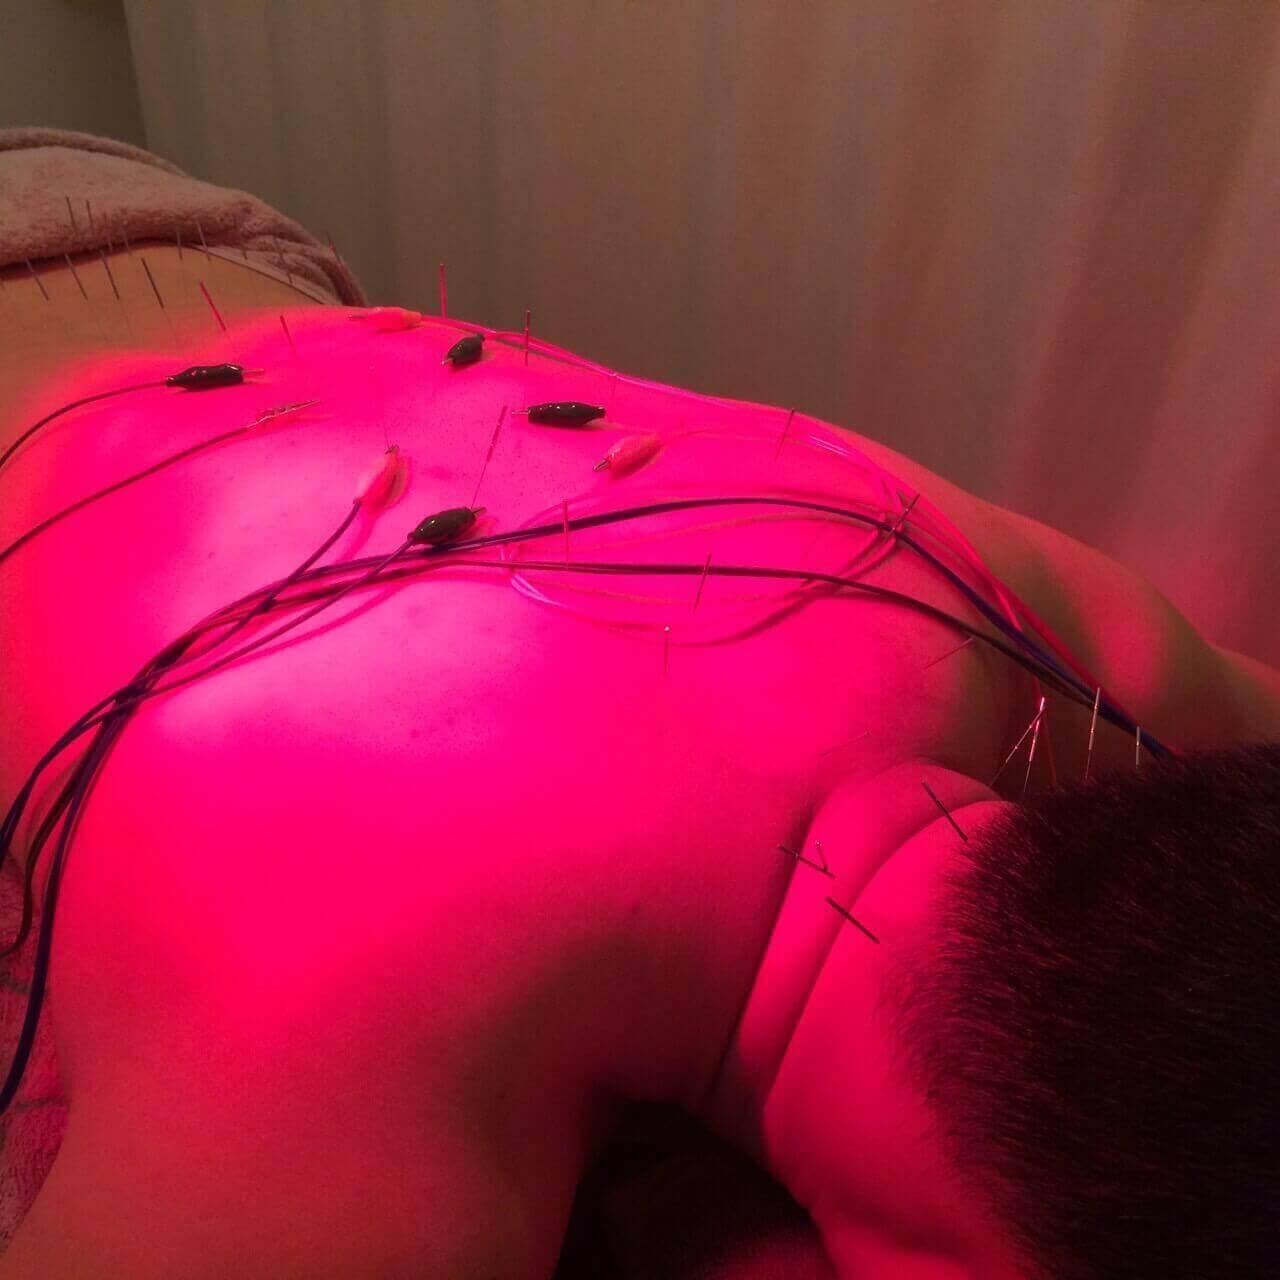 鍼治療の効果で肩こりも血流も改善!気になる針や電気の痛みについても紹介